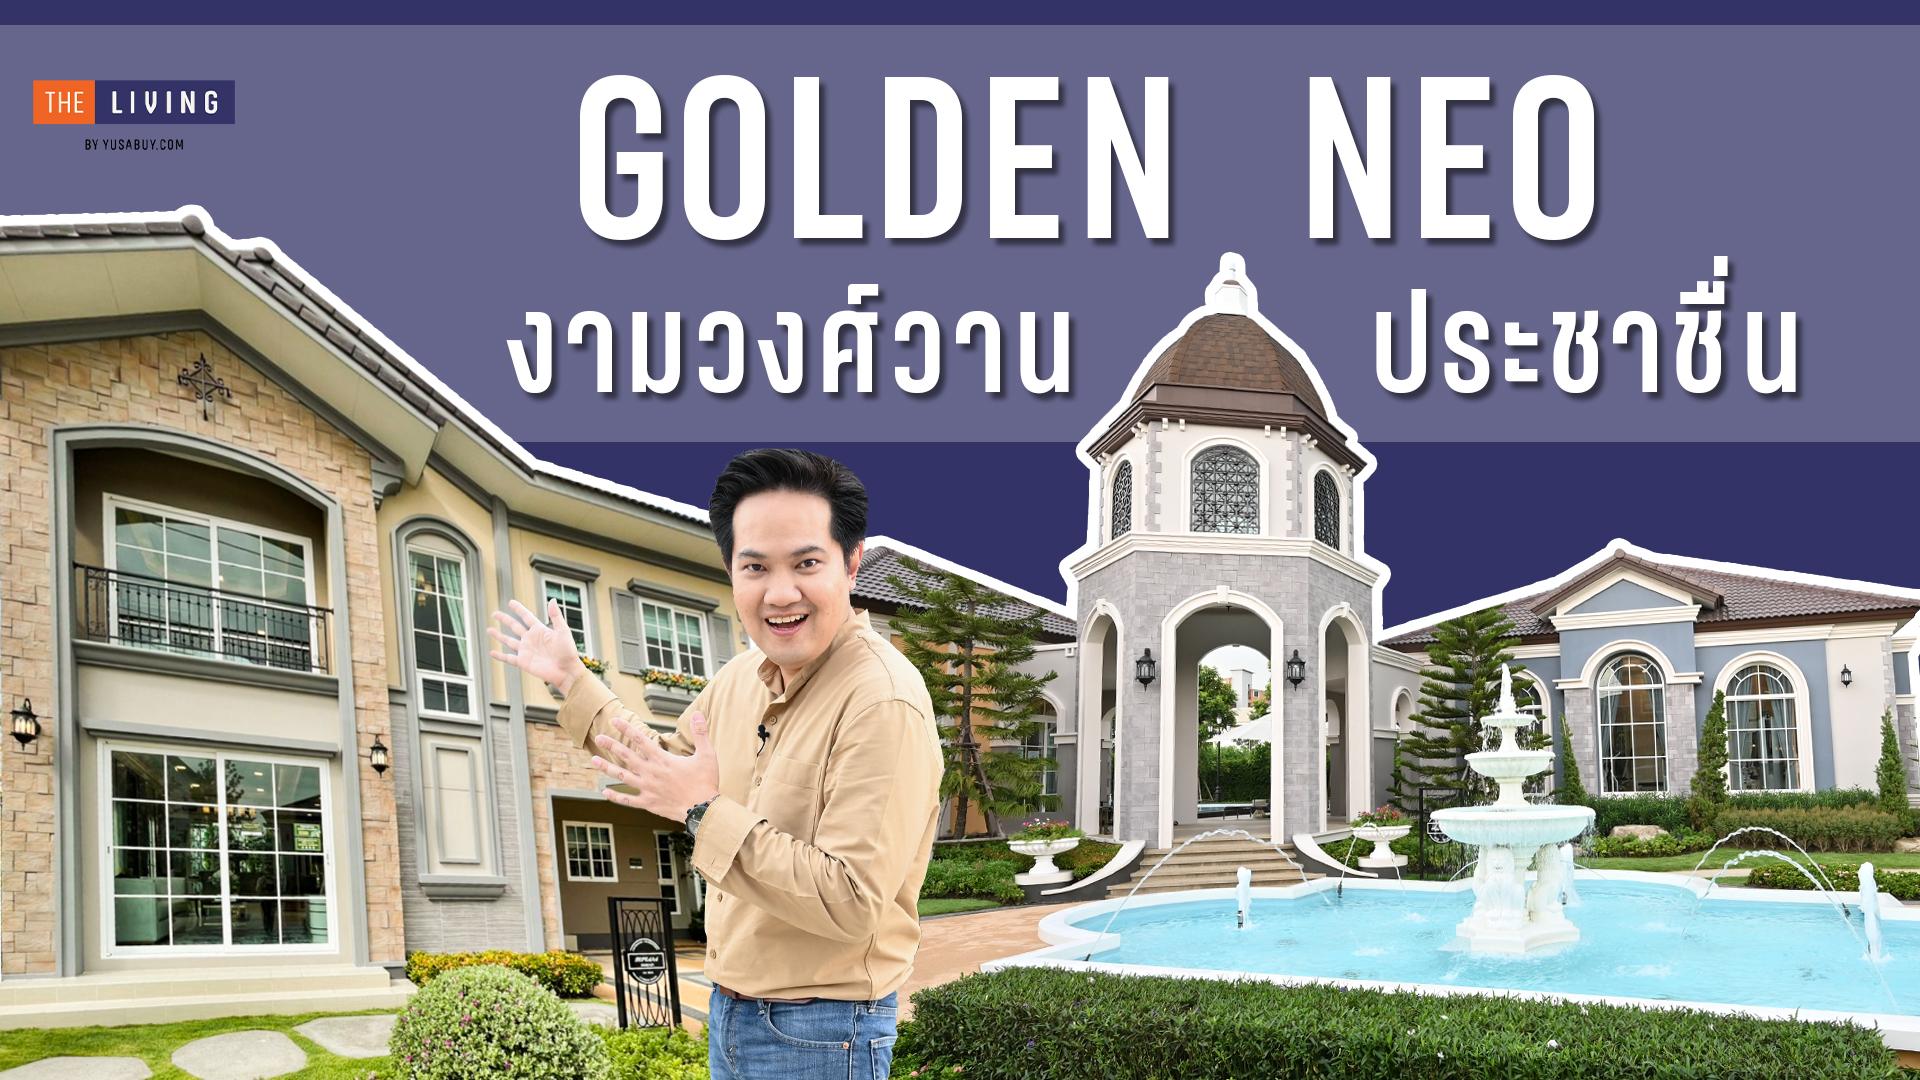 รีวิวบ้านสไตล์อิตาลี โกลเด้น นีโอ งามวงศ์วาน-ประชาชื่น (Golden Neo Ngamwongwan-Prachachuen) ติดทางด่วนศรีรัชและอุดรรัถยา